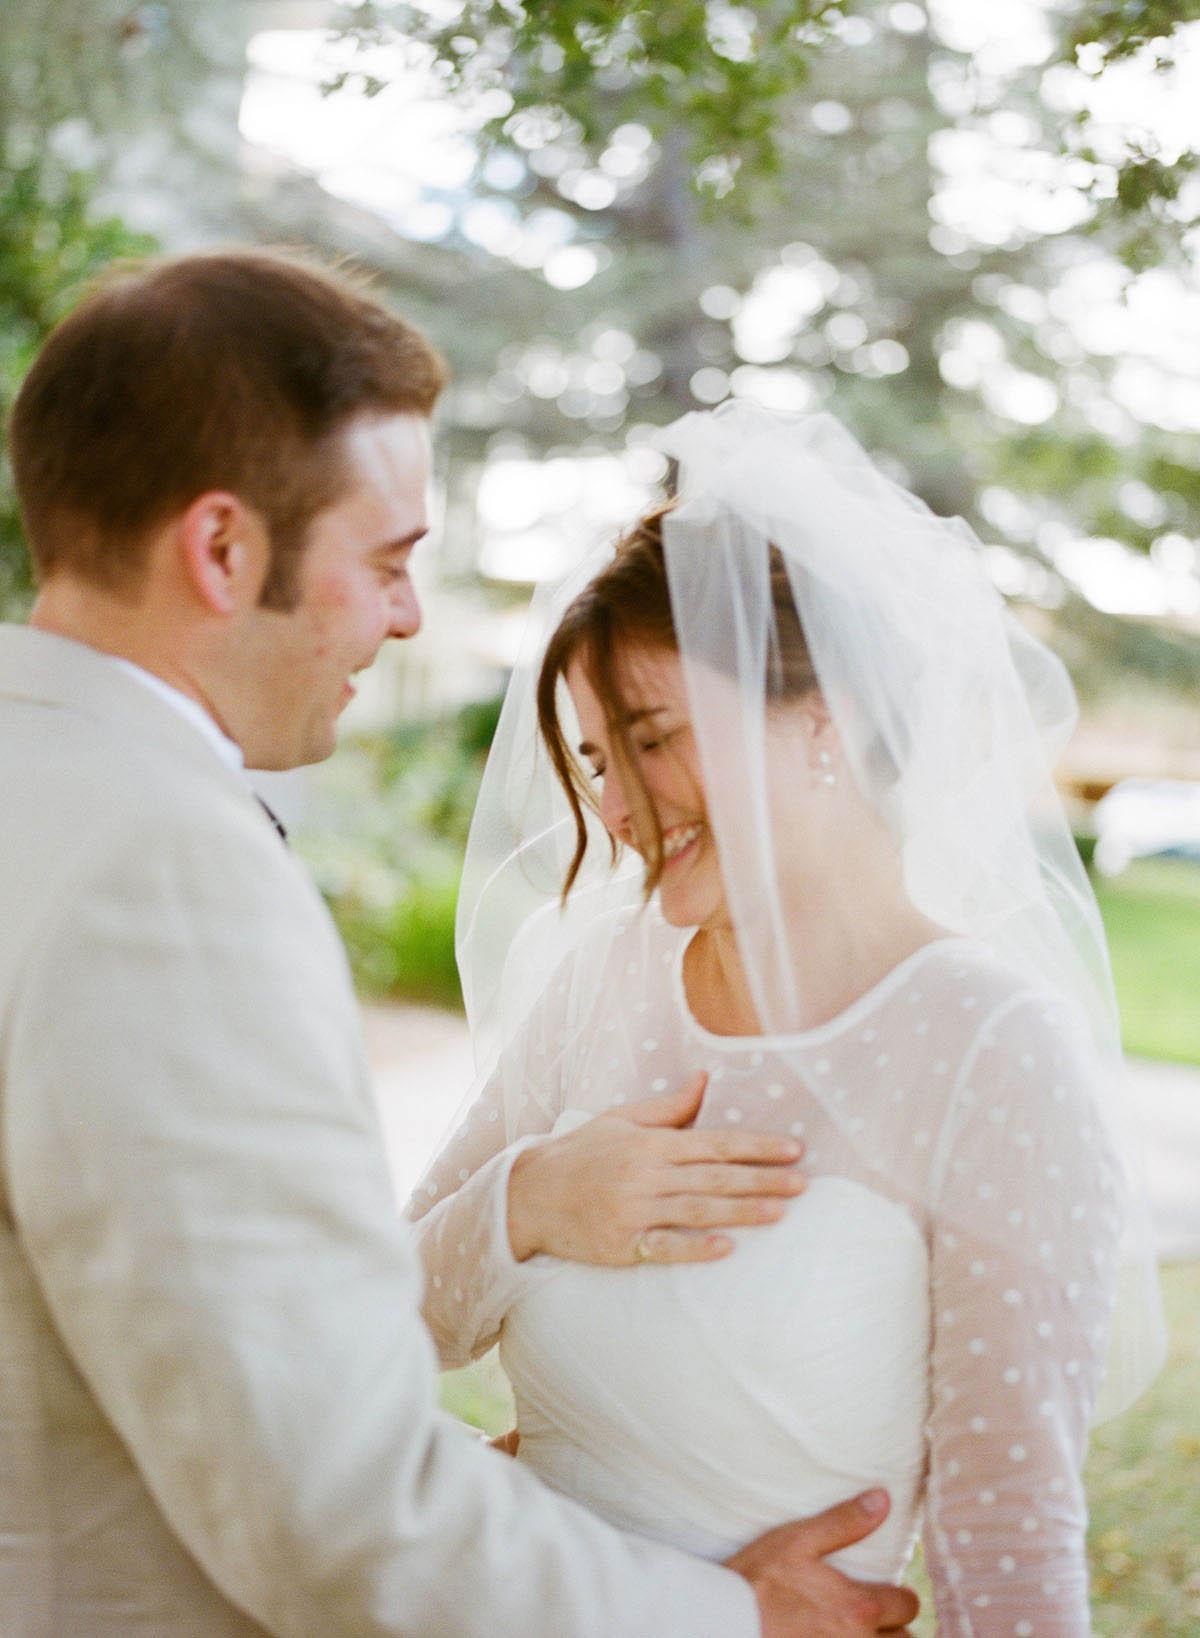 14-bride-bashful.jpg